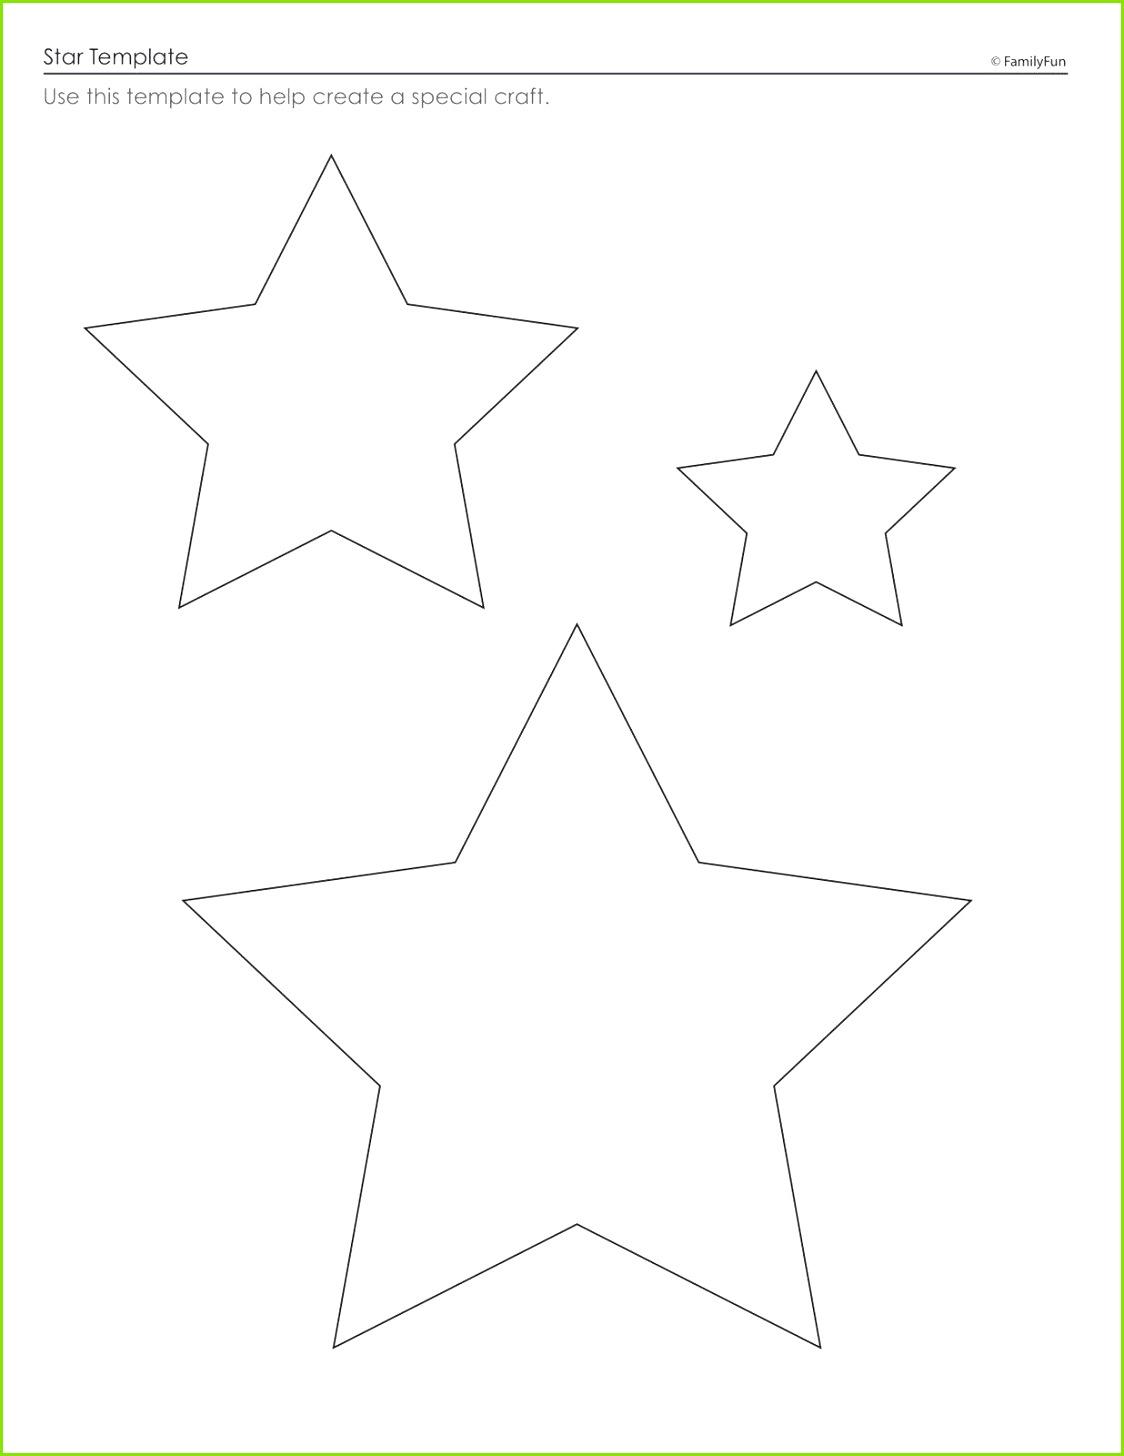 Schneeflocke Vorlage Zum Ausdrucken 47 Trend Für Sterne Basteln Vorlagen Planen